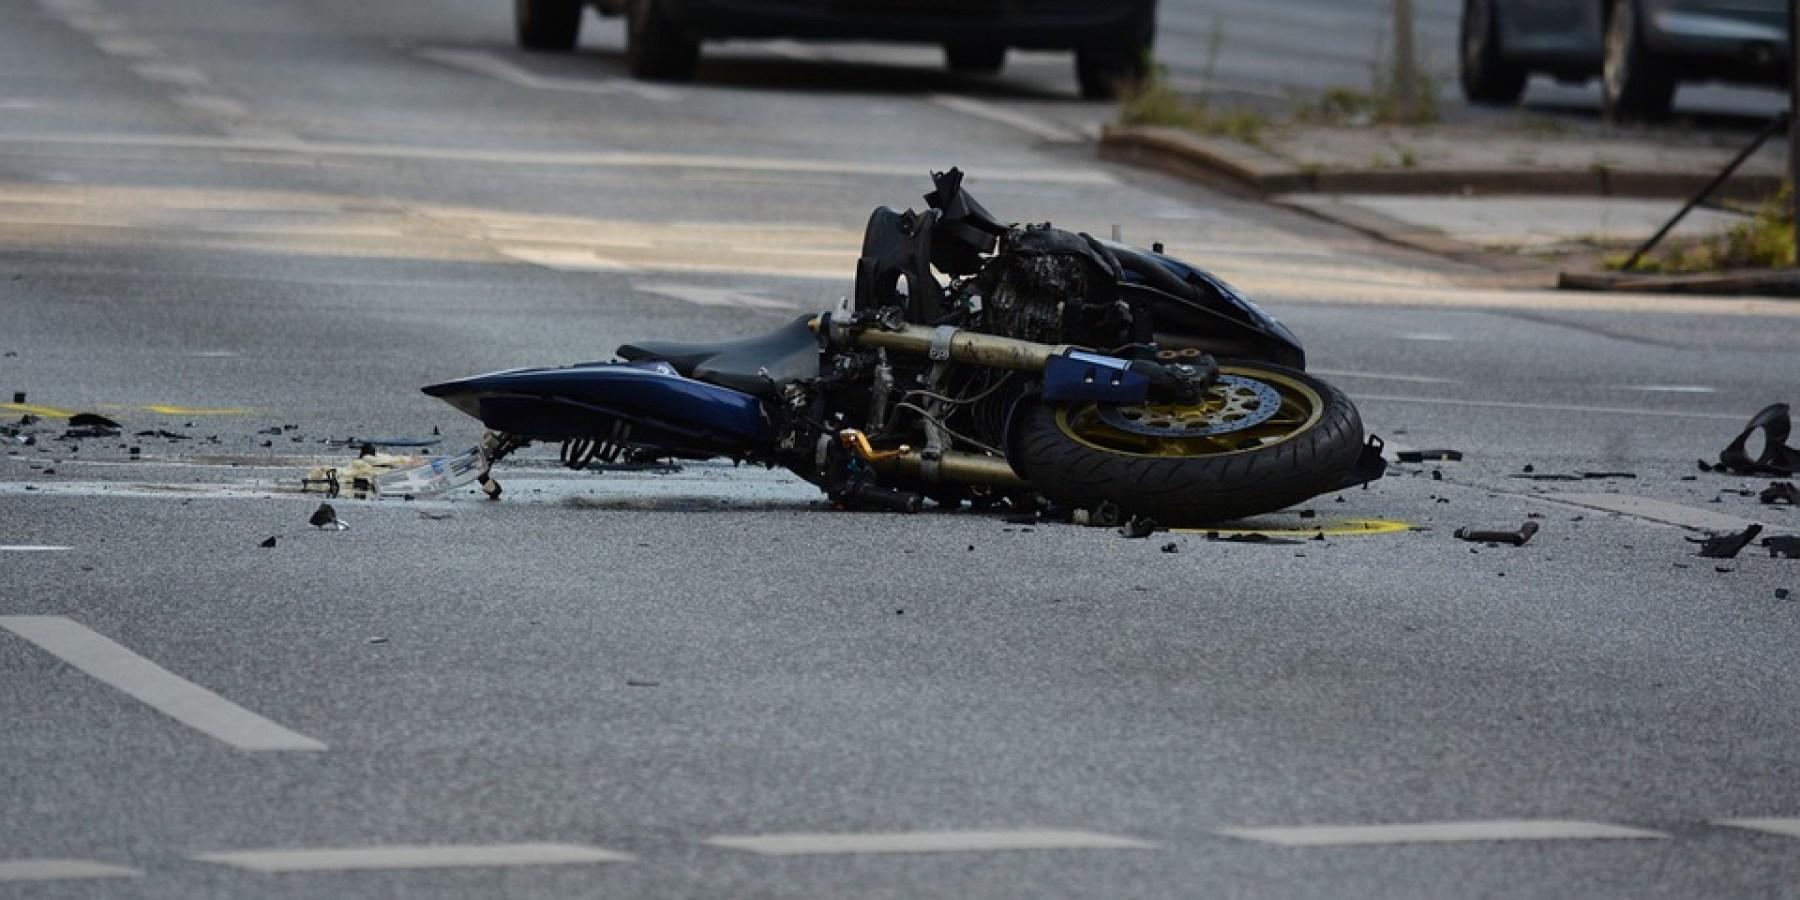 Motorradfahrer stoßen auf der Autobahn 30 zusammen und verletzen sich schwer